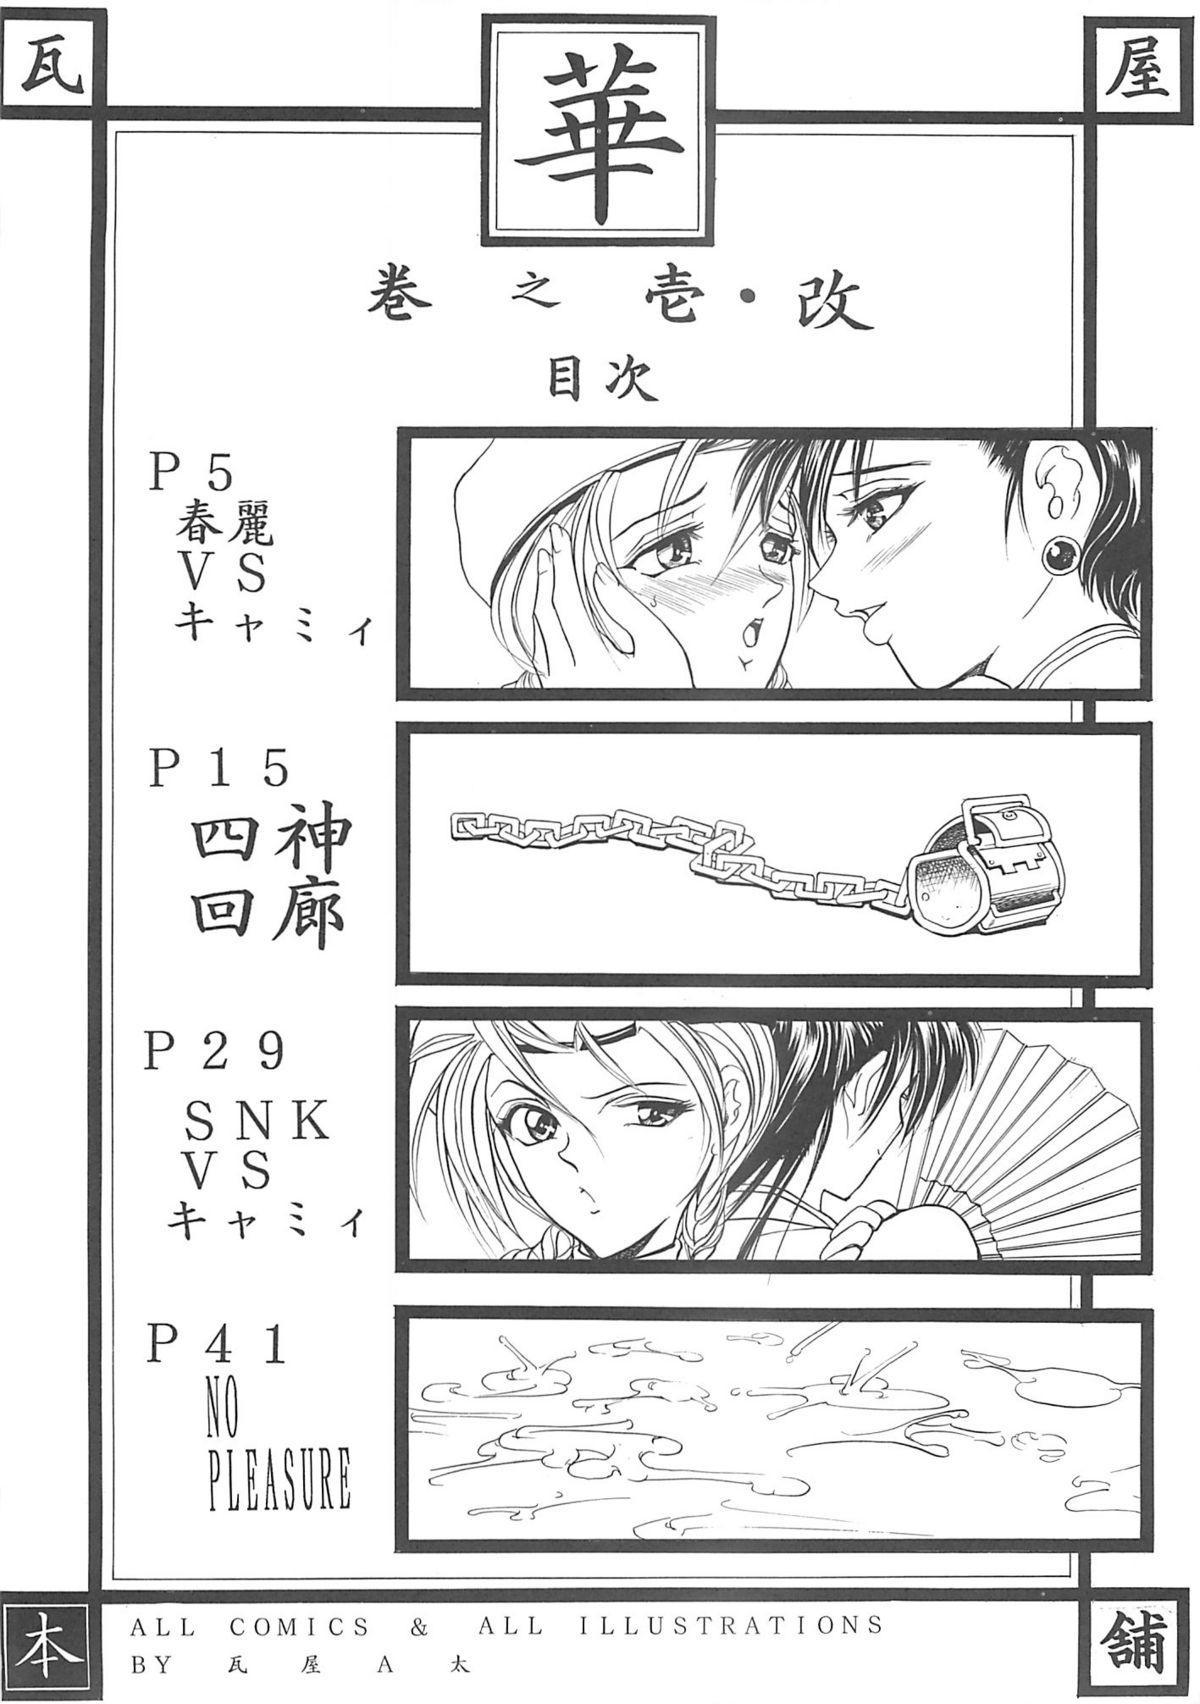 Hana - Maki no Ichi Kai 2